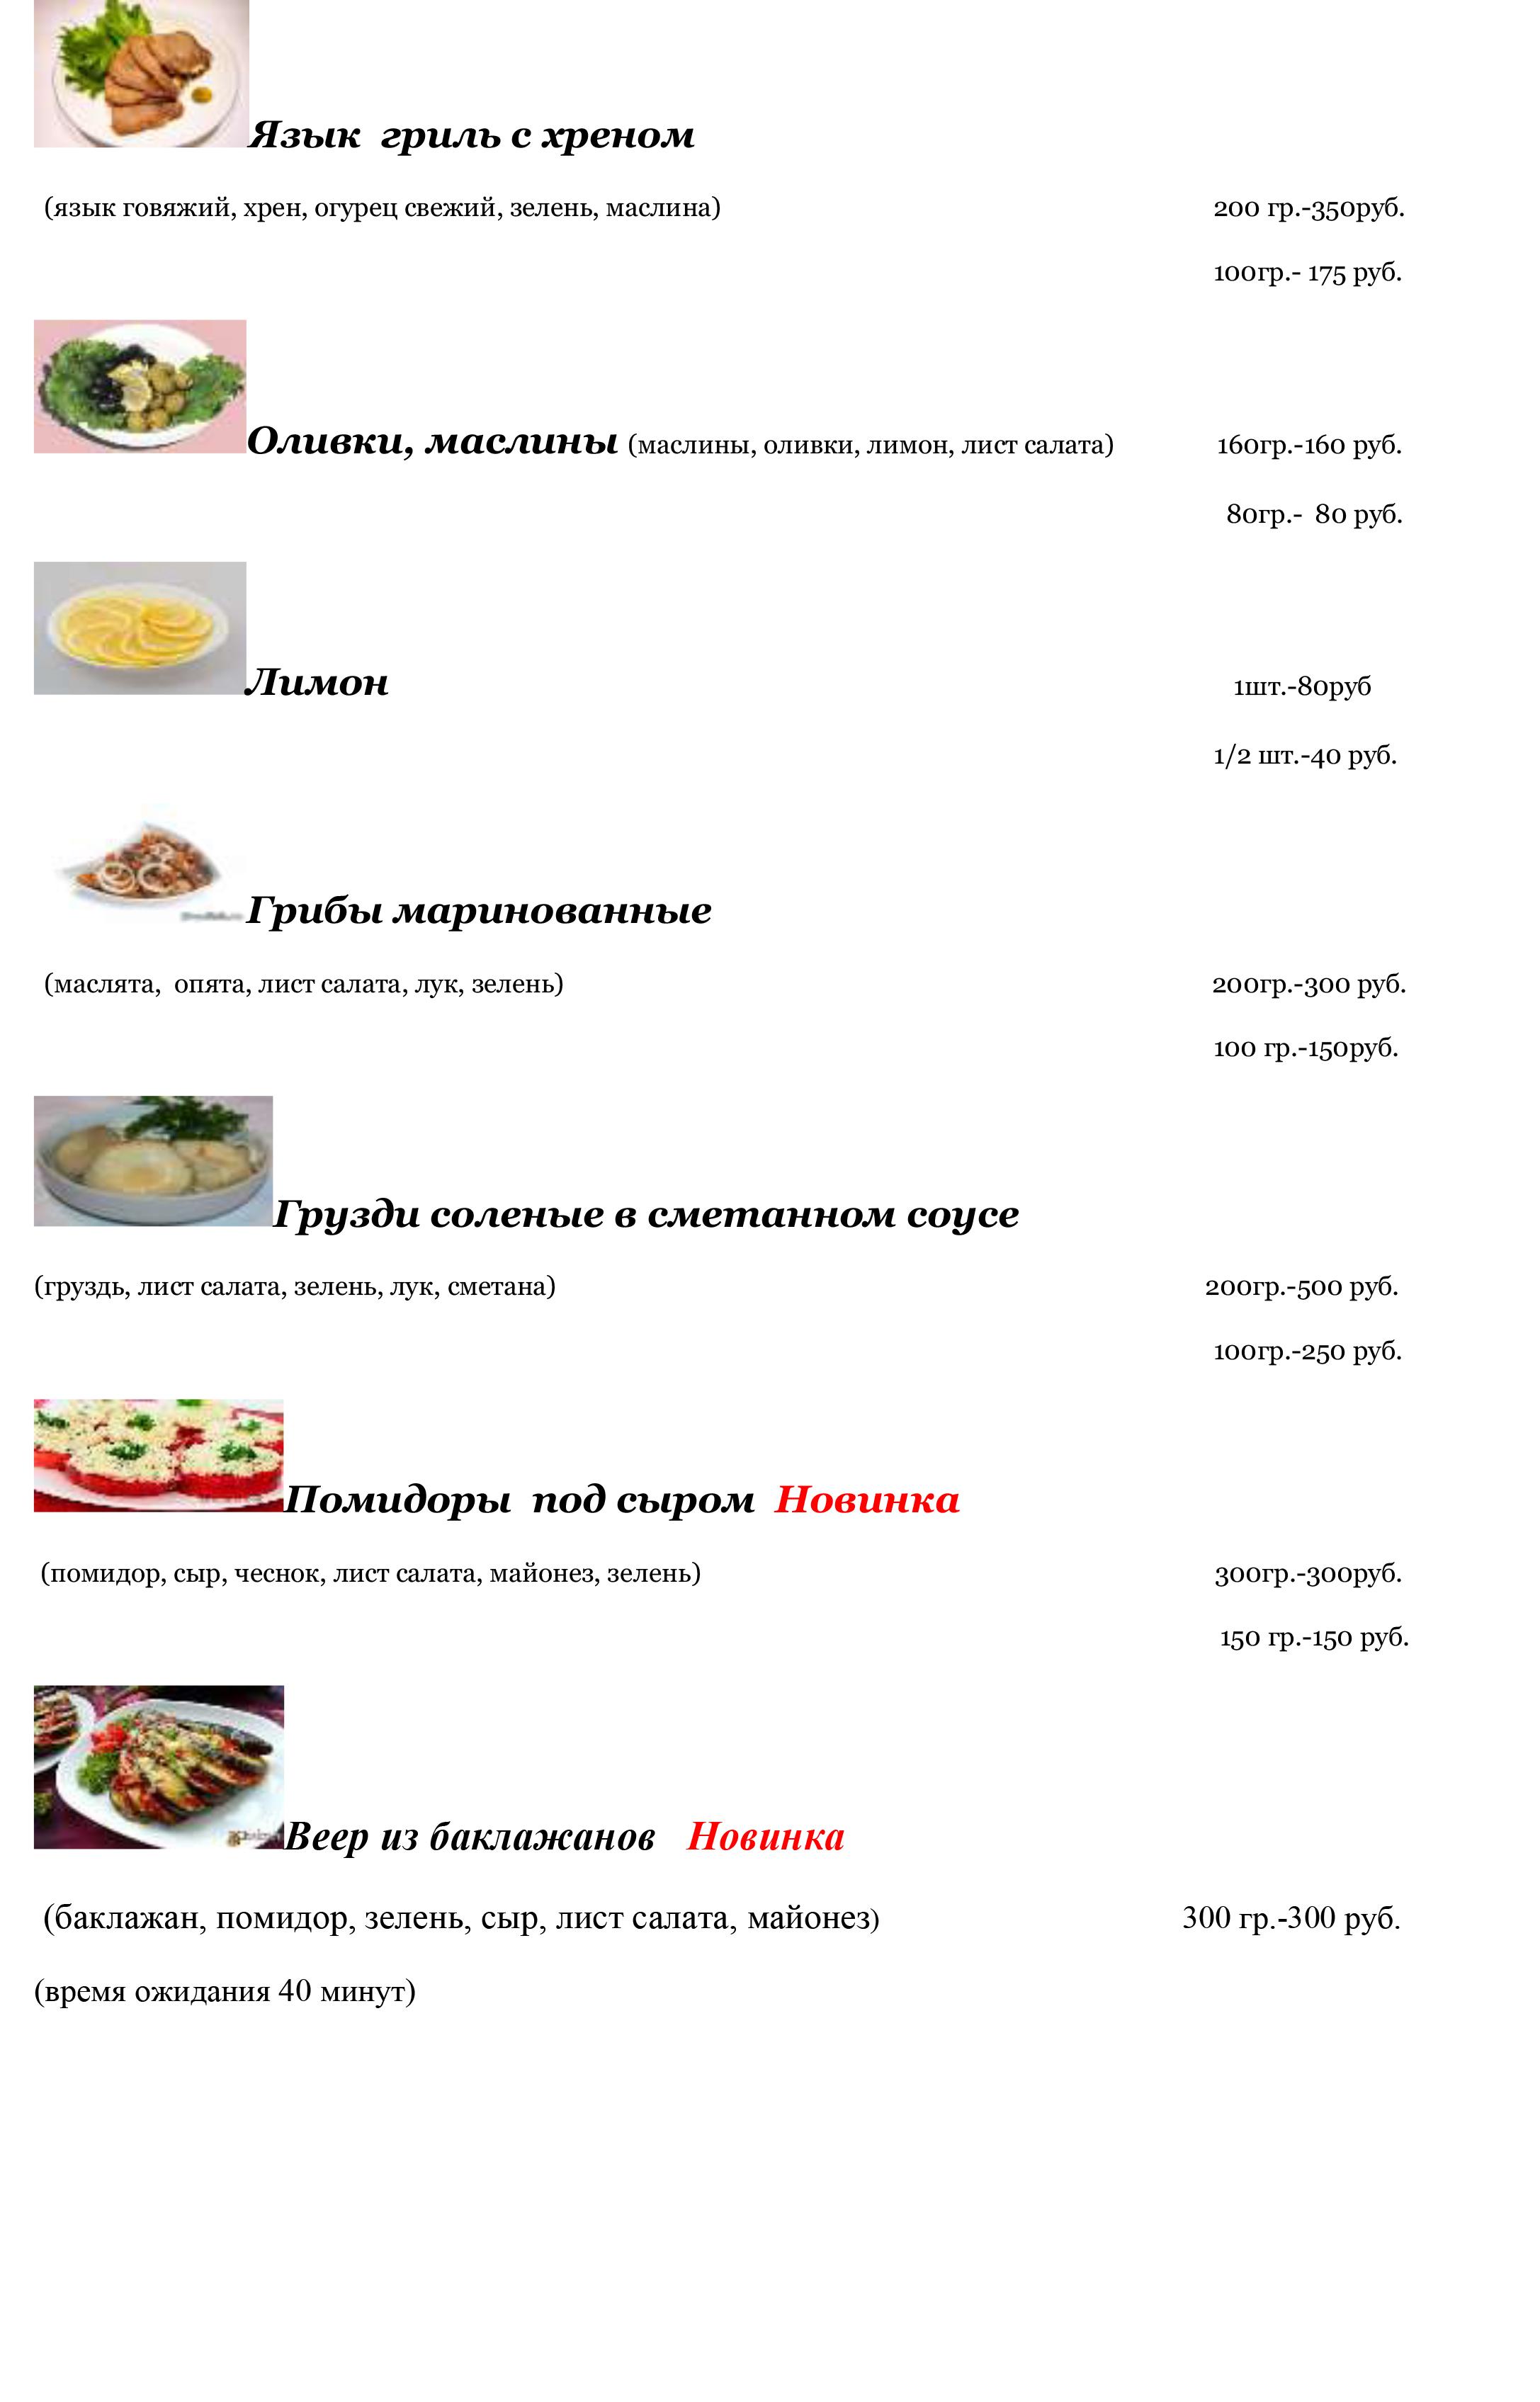 Меню кафе Сибирские луга 3